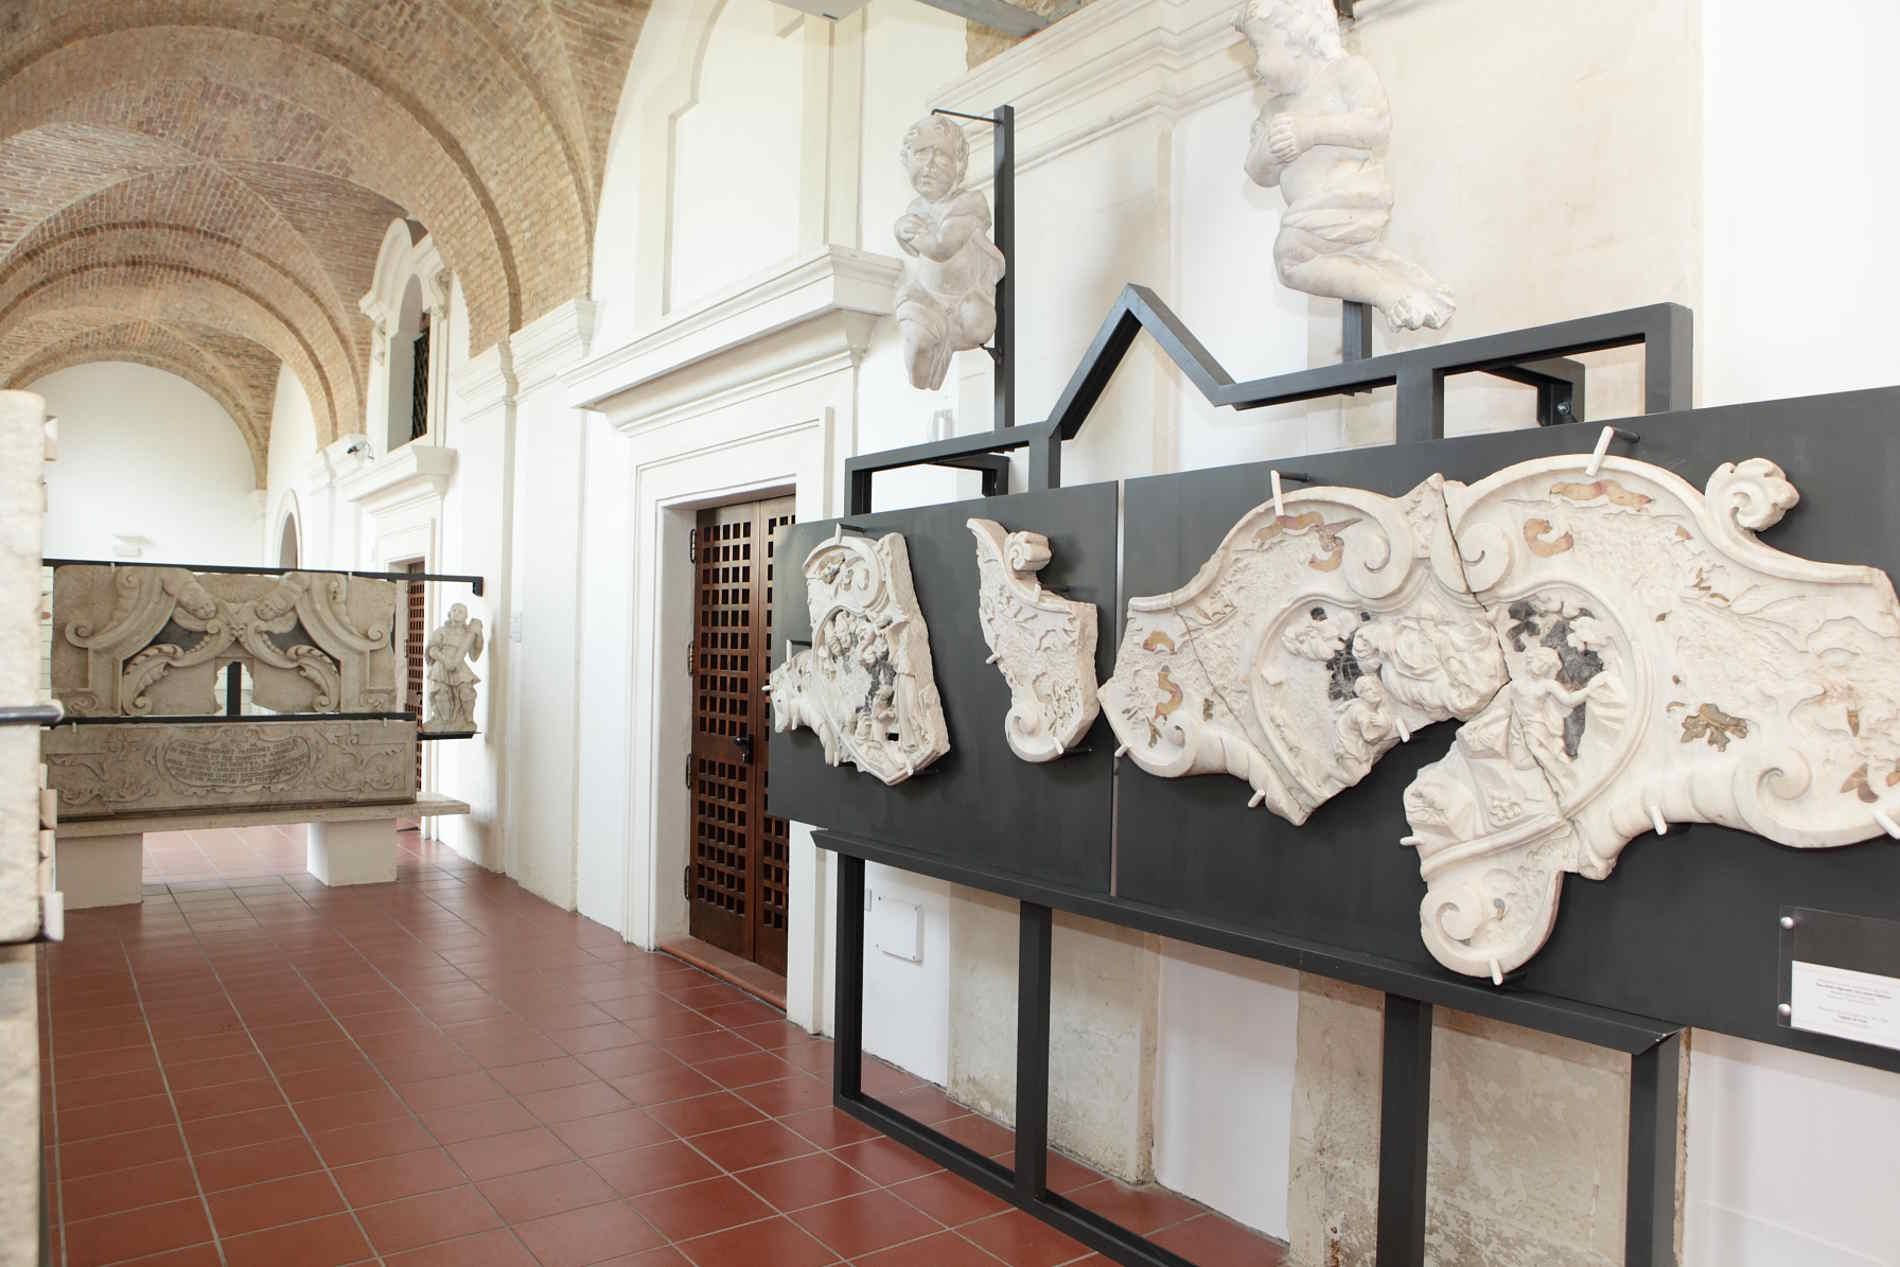 Cosa vedere a Reggio calabria - Museo Diocesano Monsignor Aurelio Sorrentino. il portico